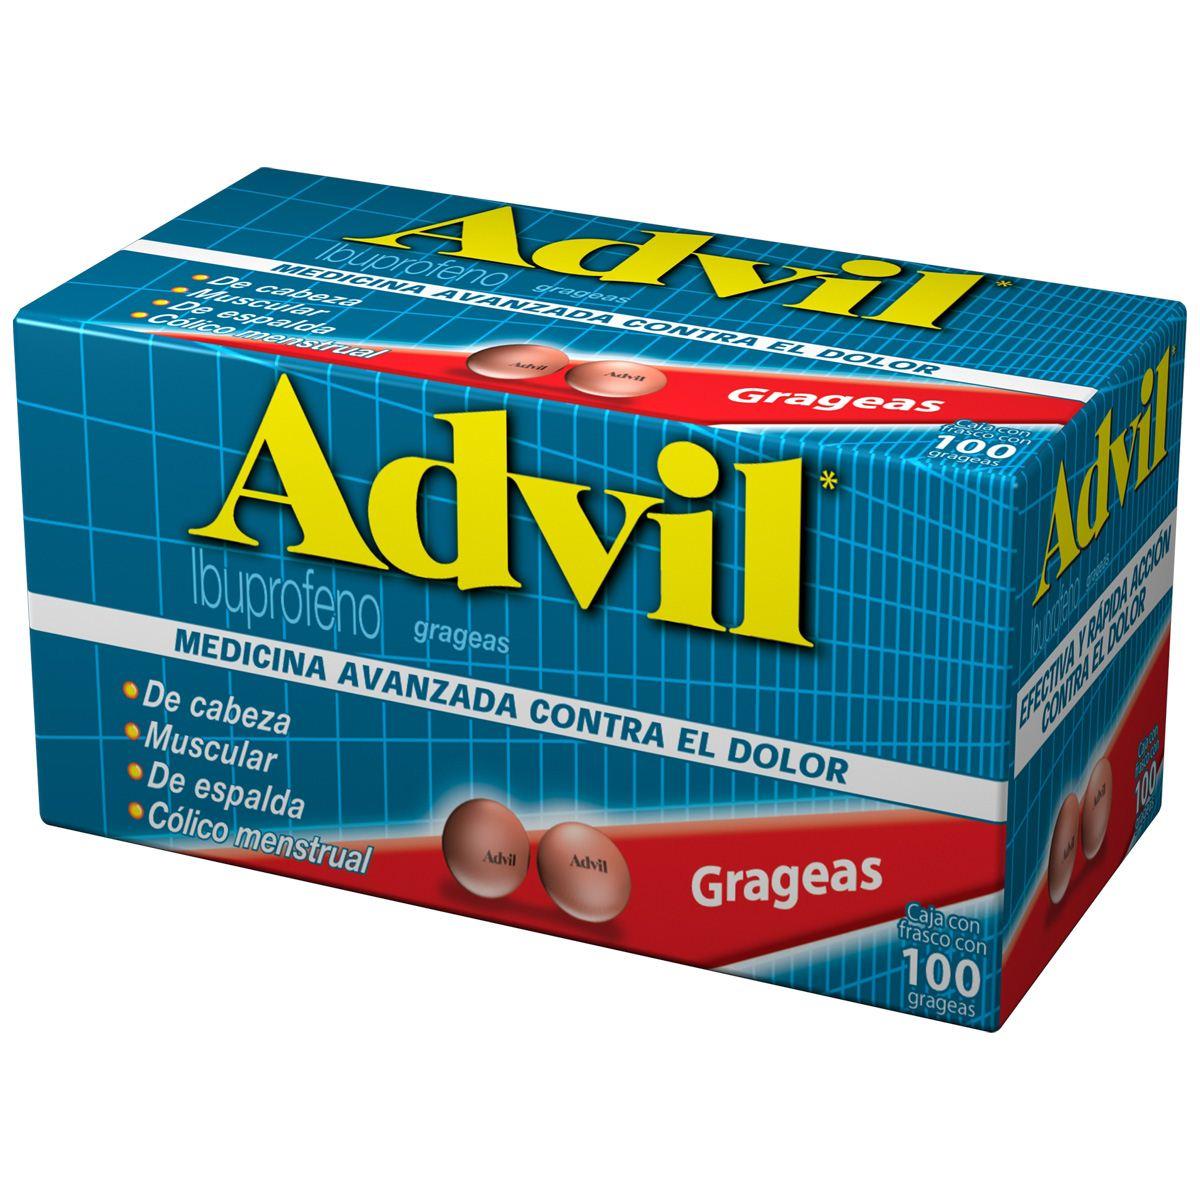 Advil Grag 100 200mg Emerita Farmacias